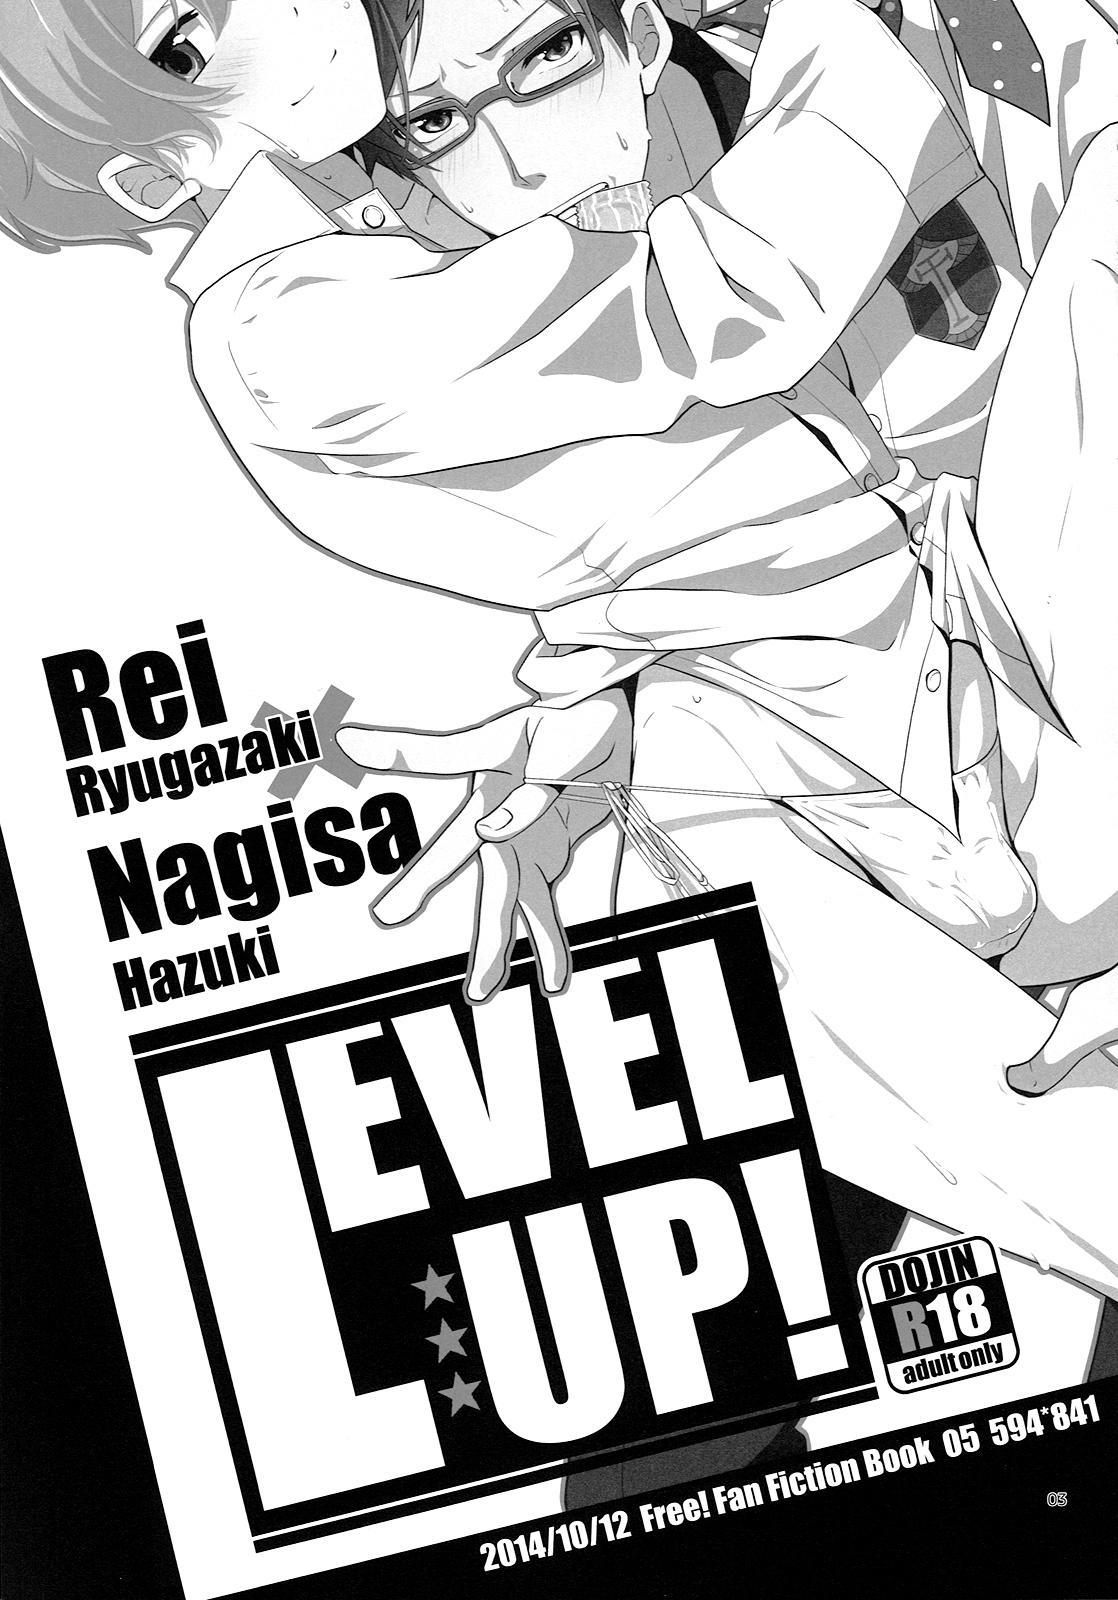 LEVEL UP! 2